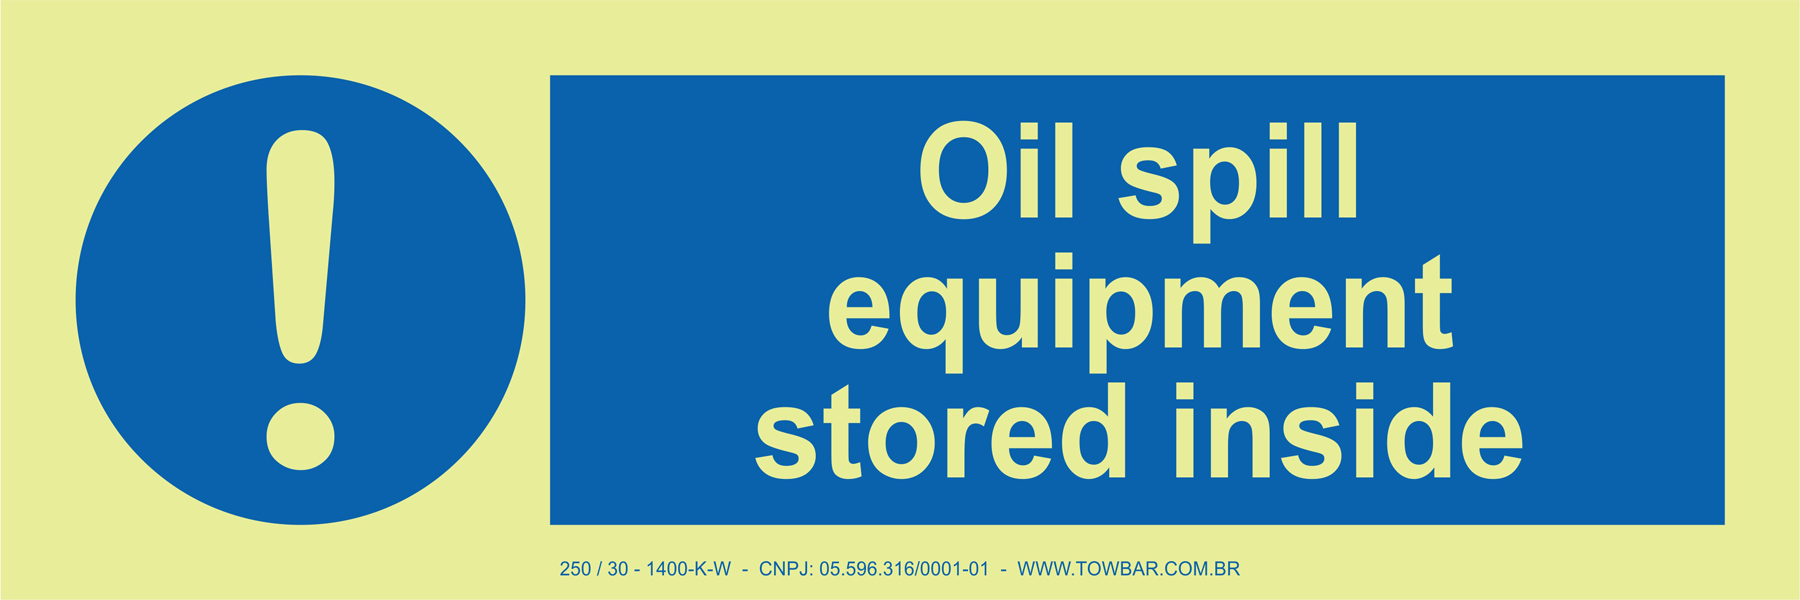 Oil Spill Equipment Stored Inside  - Towbar Sinalização de Segurança